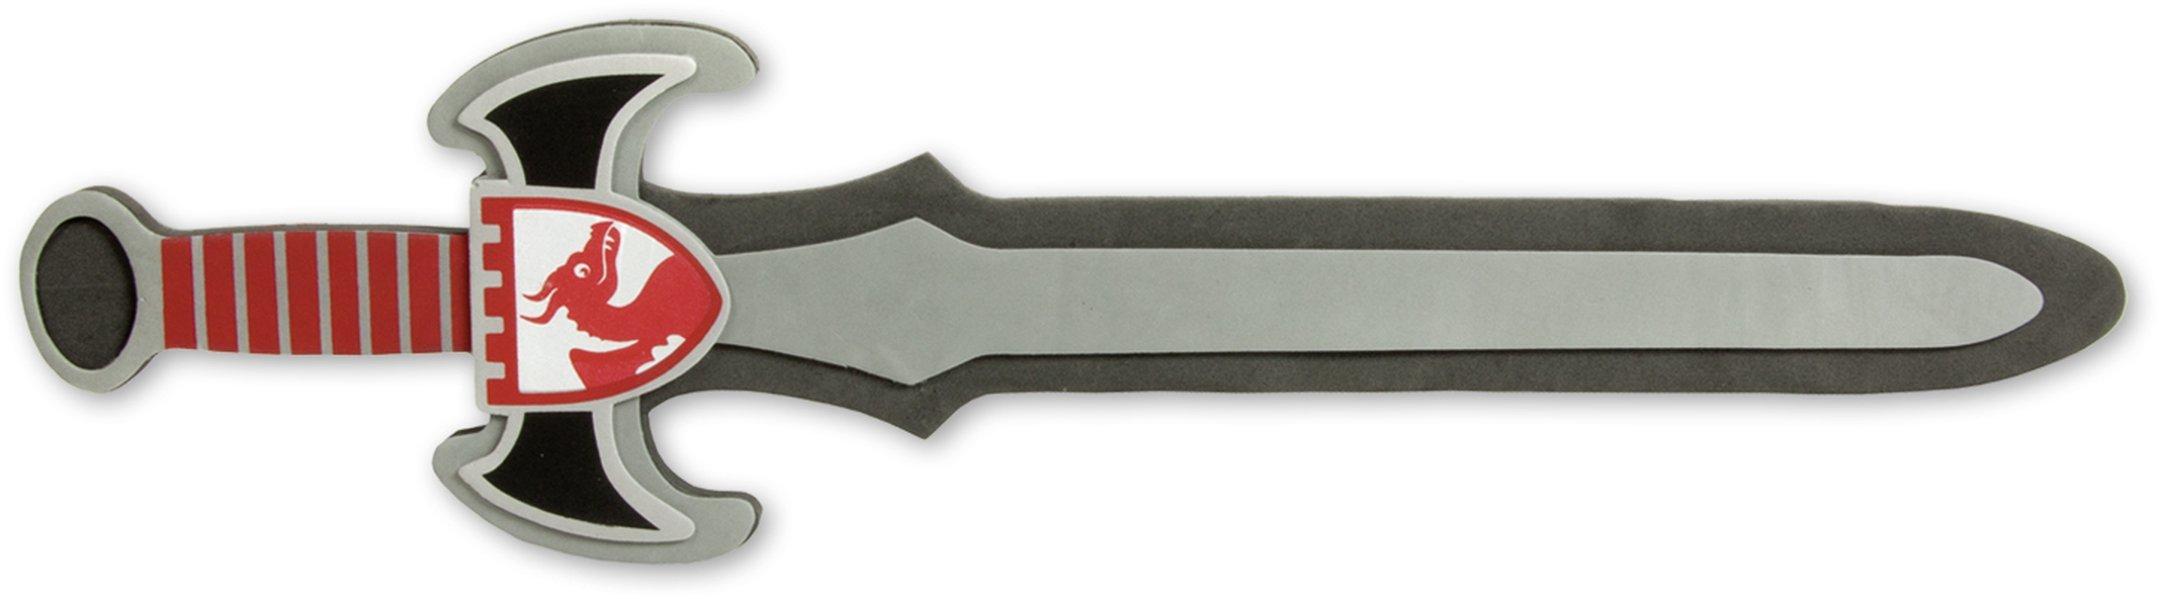 Ritter Trenk Schwert Spielzeug – 1. Februar 2012 Kirsten Boie Verlag Friedrich Oetinger B006G785PS 2292556